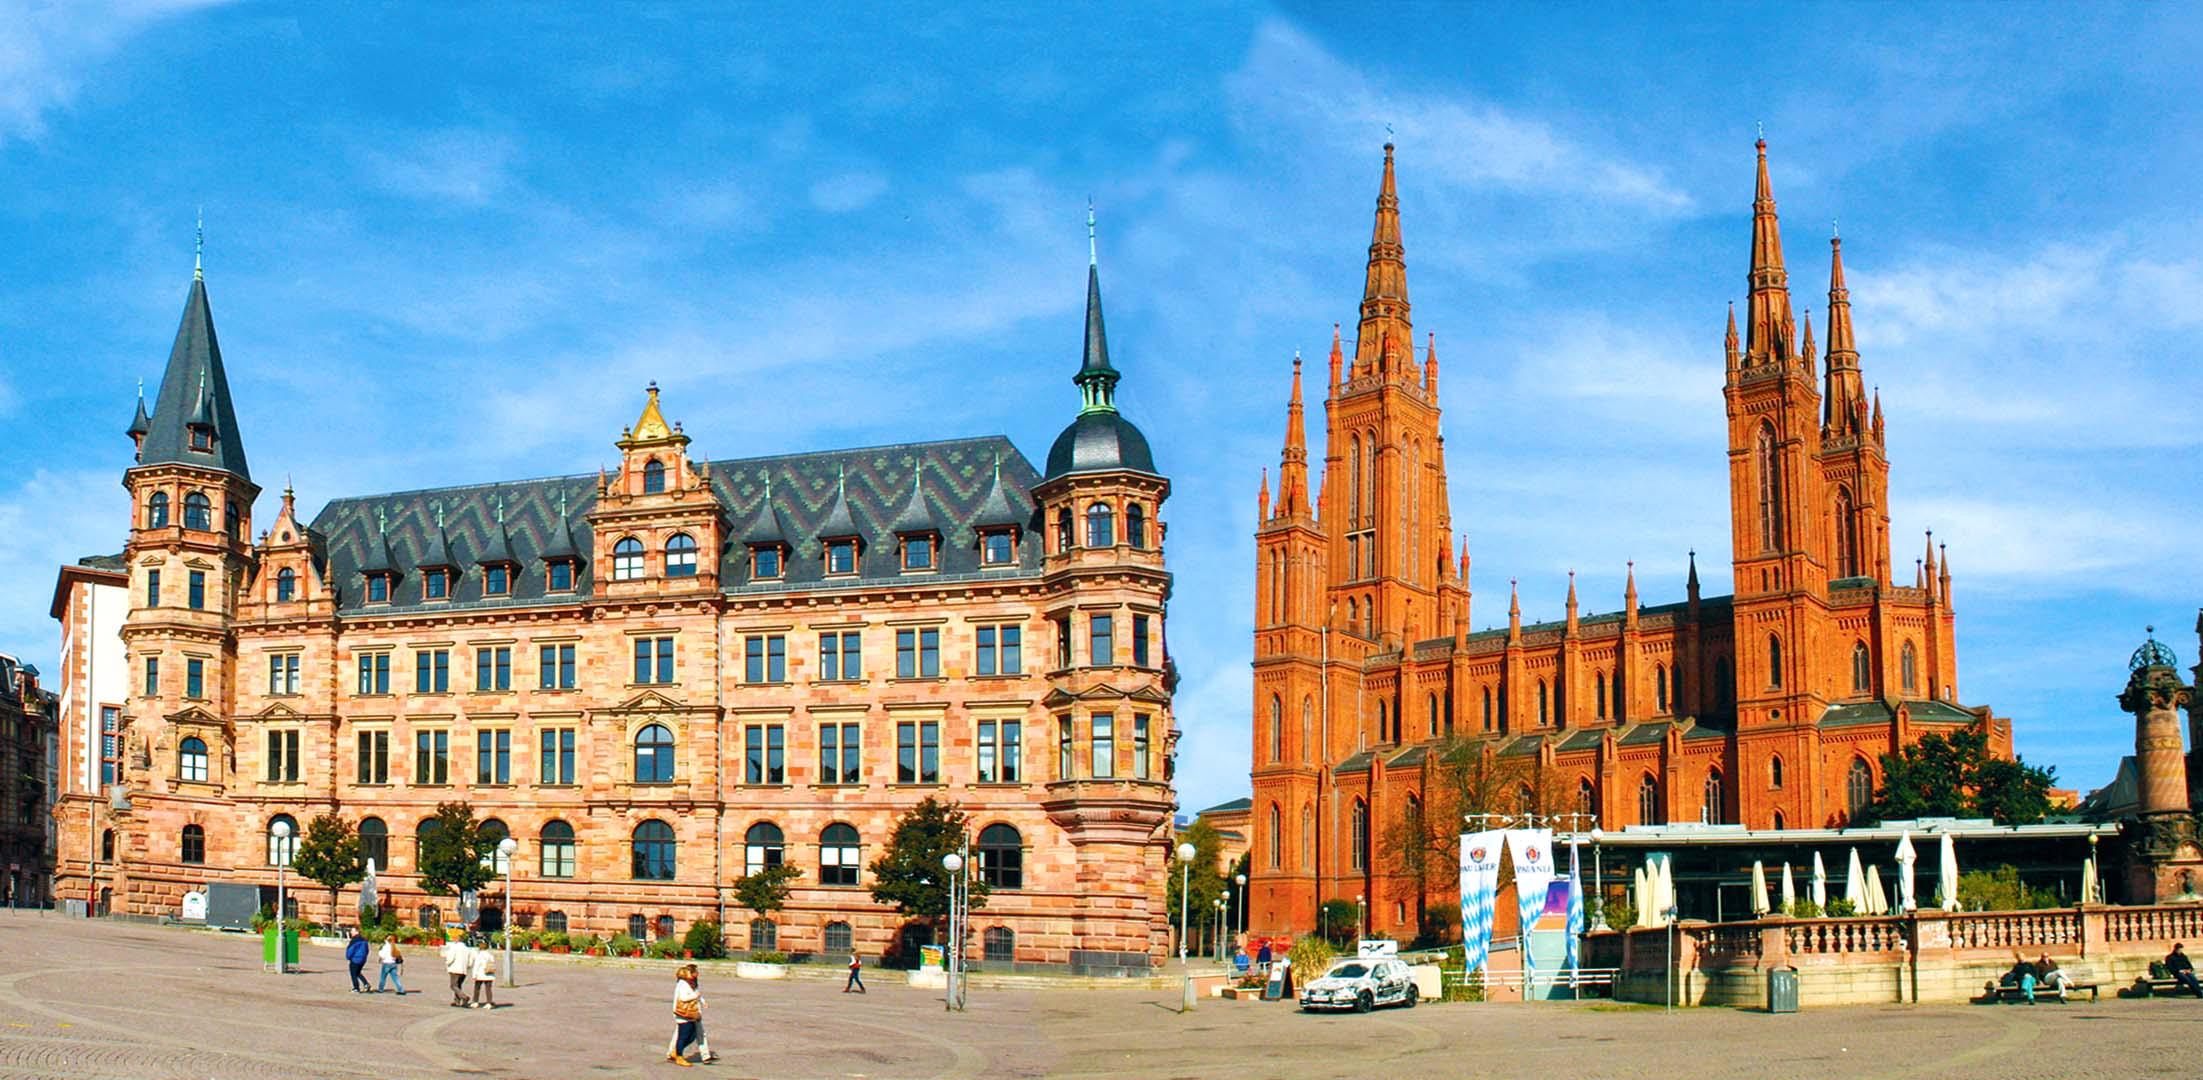 Rathaus am Schlossplatz und Marktkirche Wiesbaden